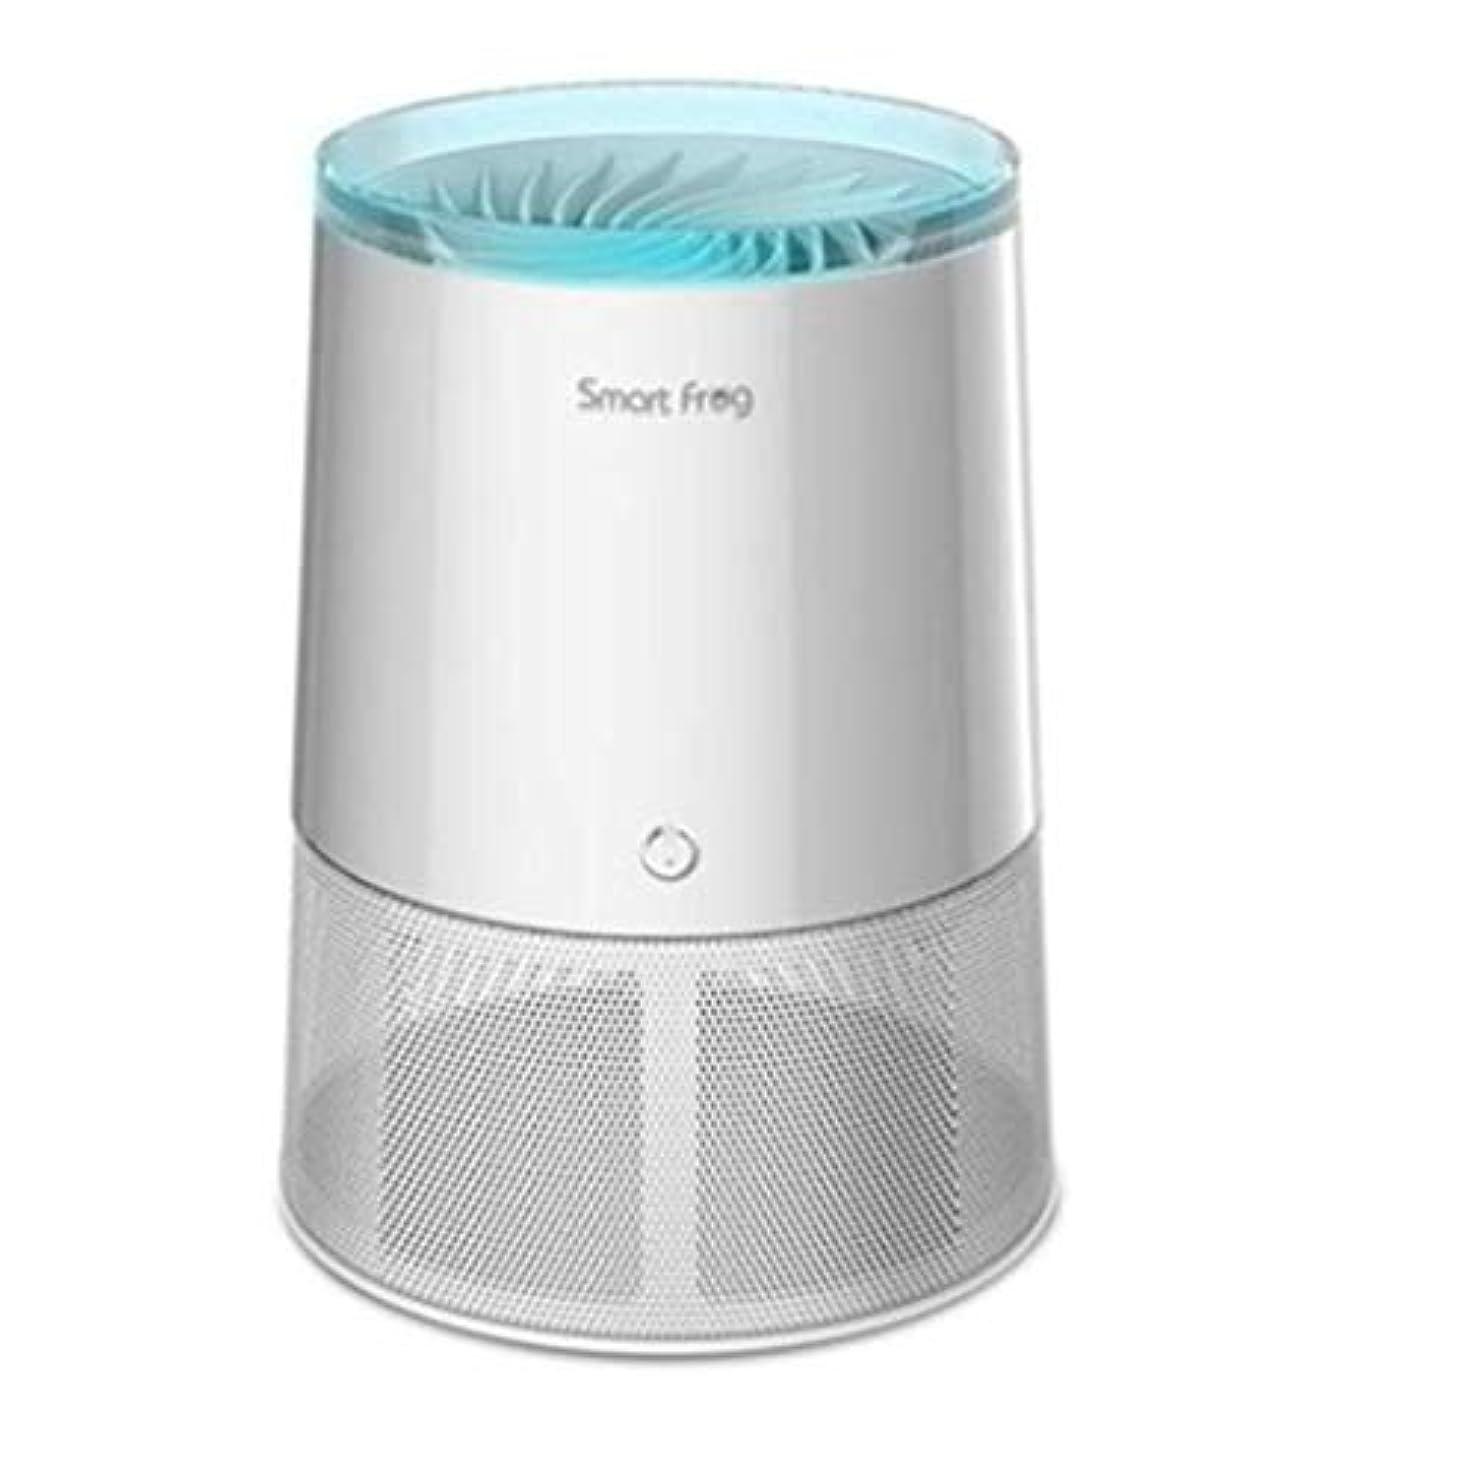 クック電気的ガードUSB蚊よけ屋内カのキラーの蚊取り器、携帯用LEDライトはえ虫無害放射線吸引のZapperの蚊のキラー-White